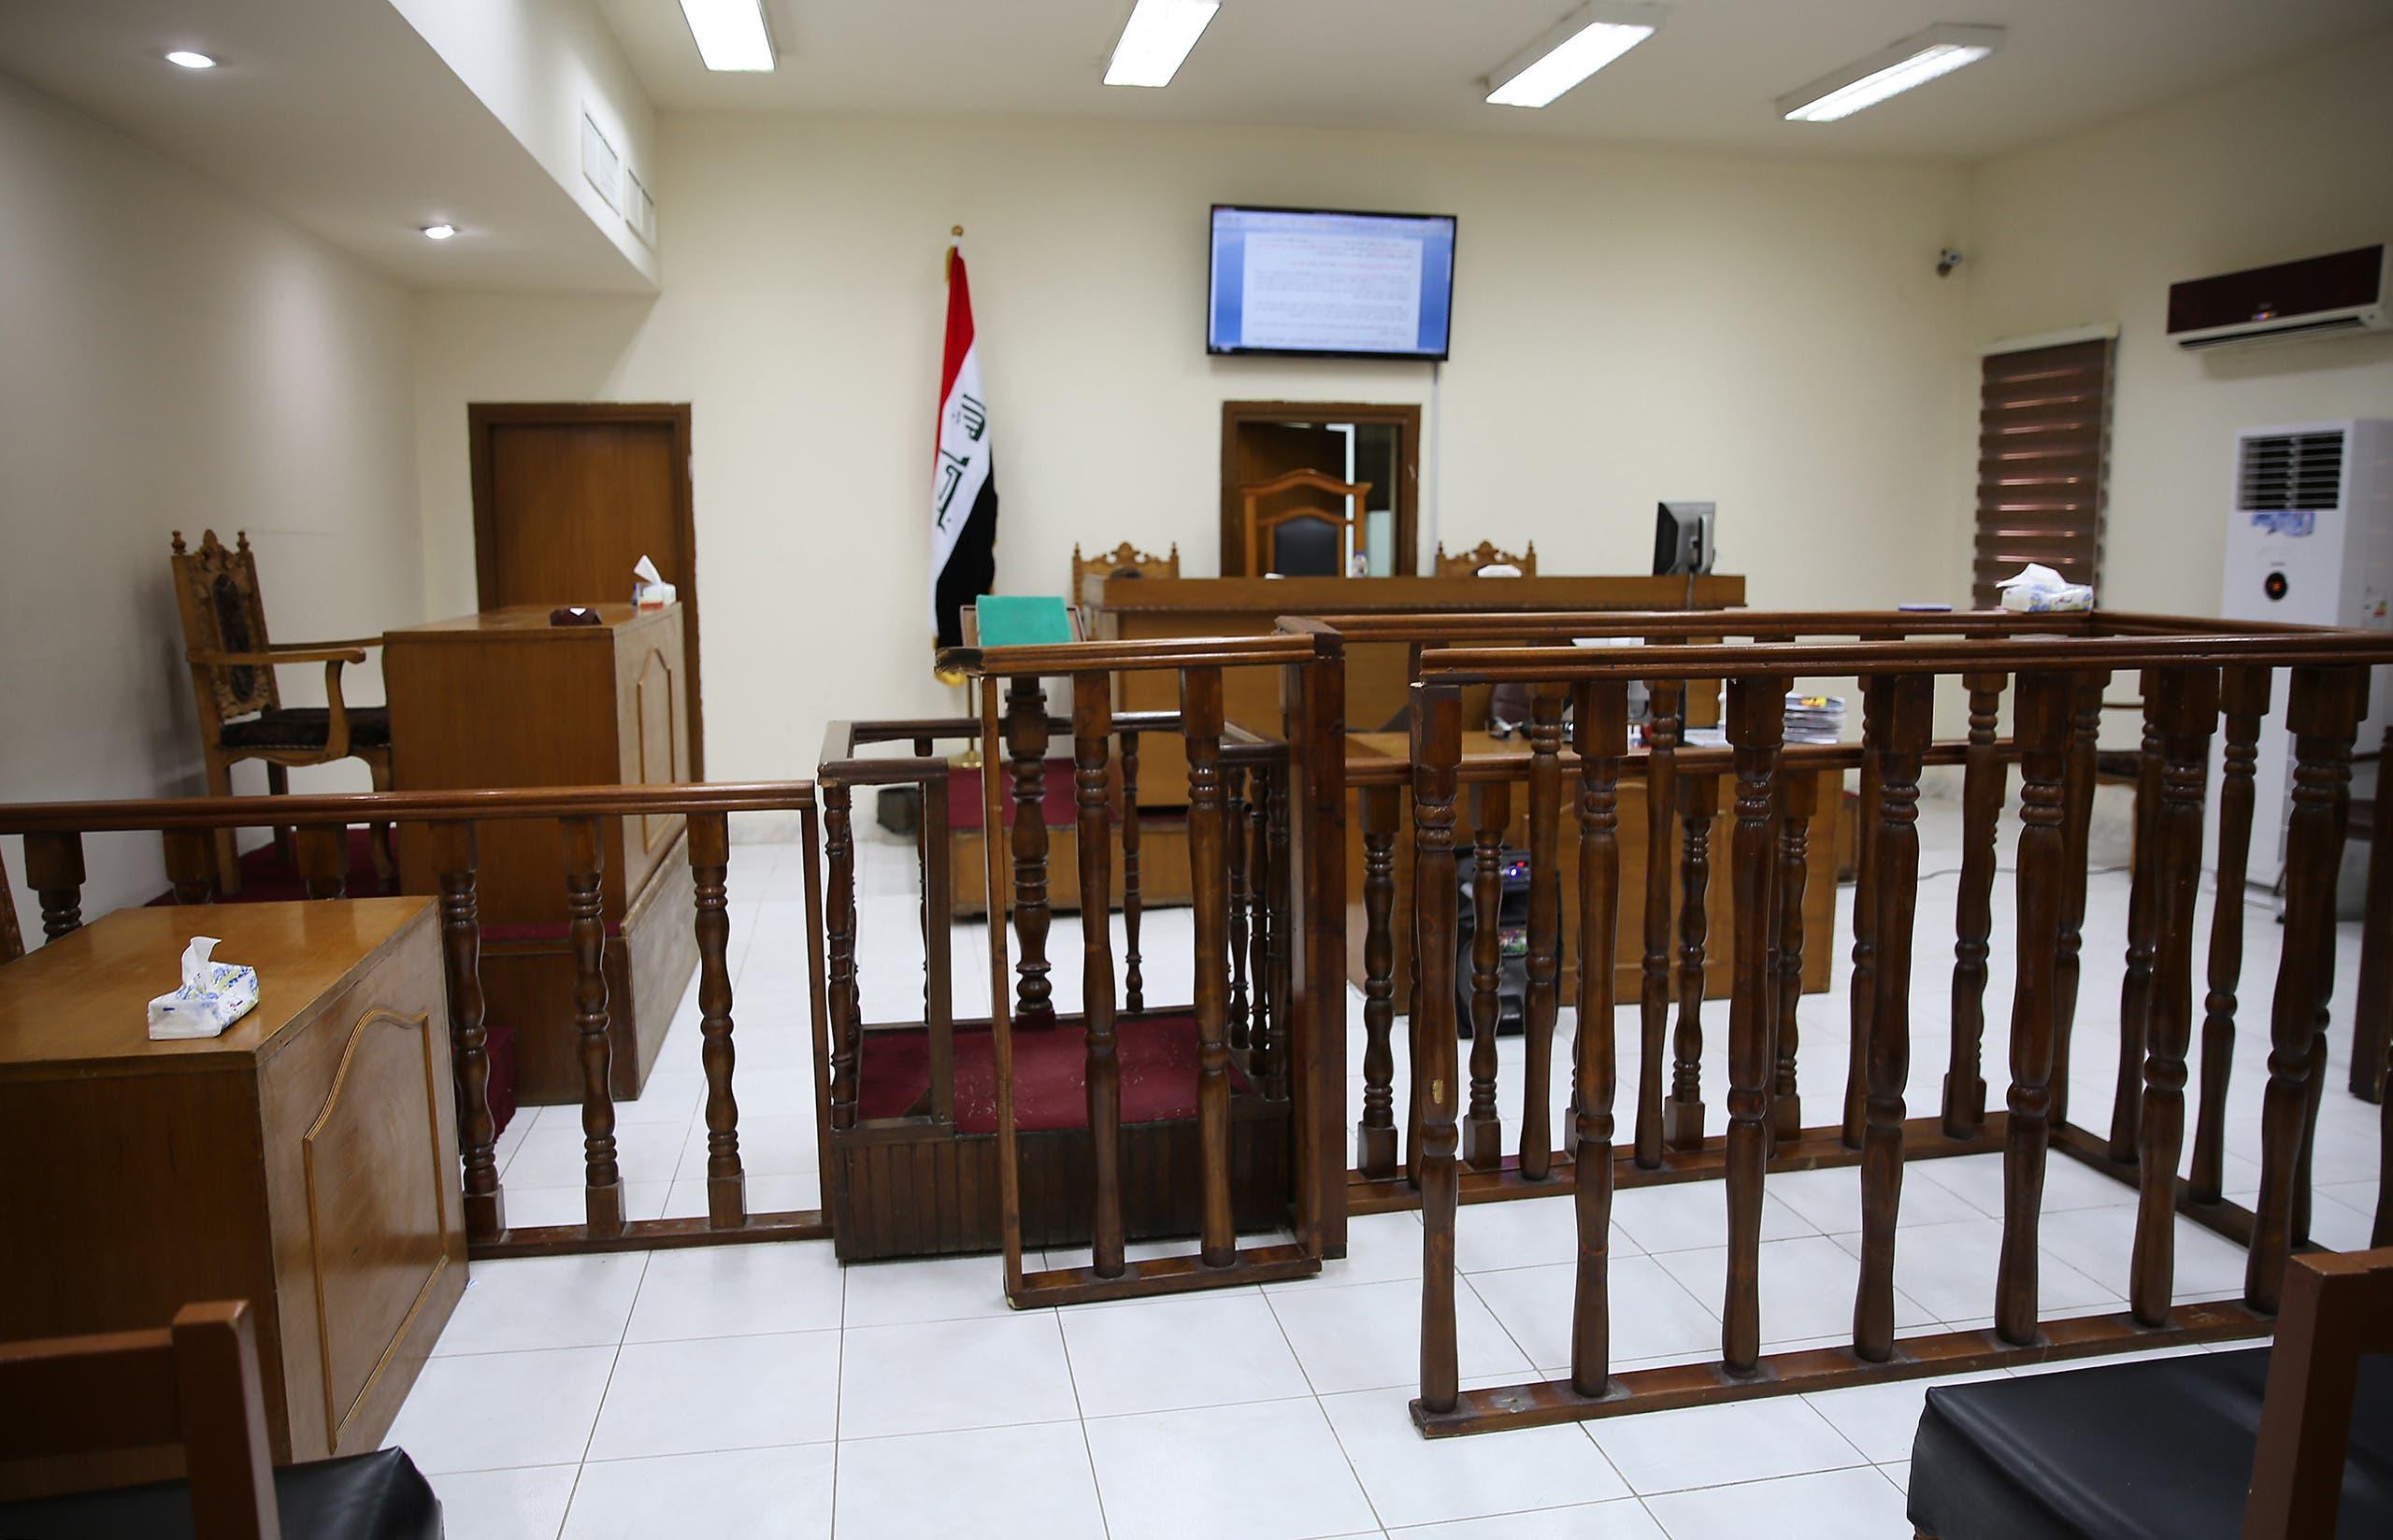 یک سالن دادگاه در بغداد ، جایی که برخی از شاخه های داعش در آن محاکمه شدند